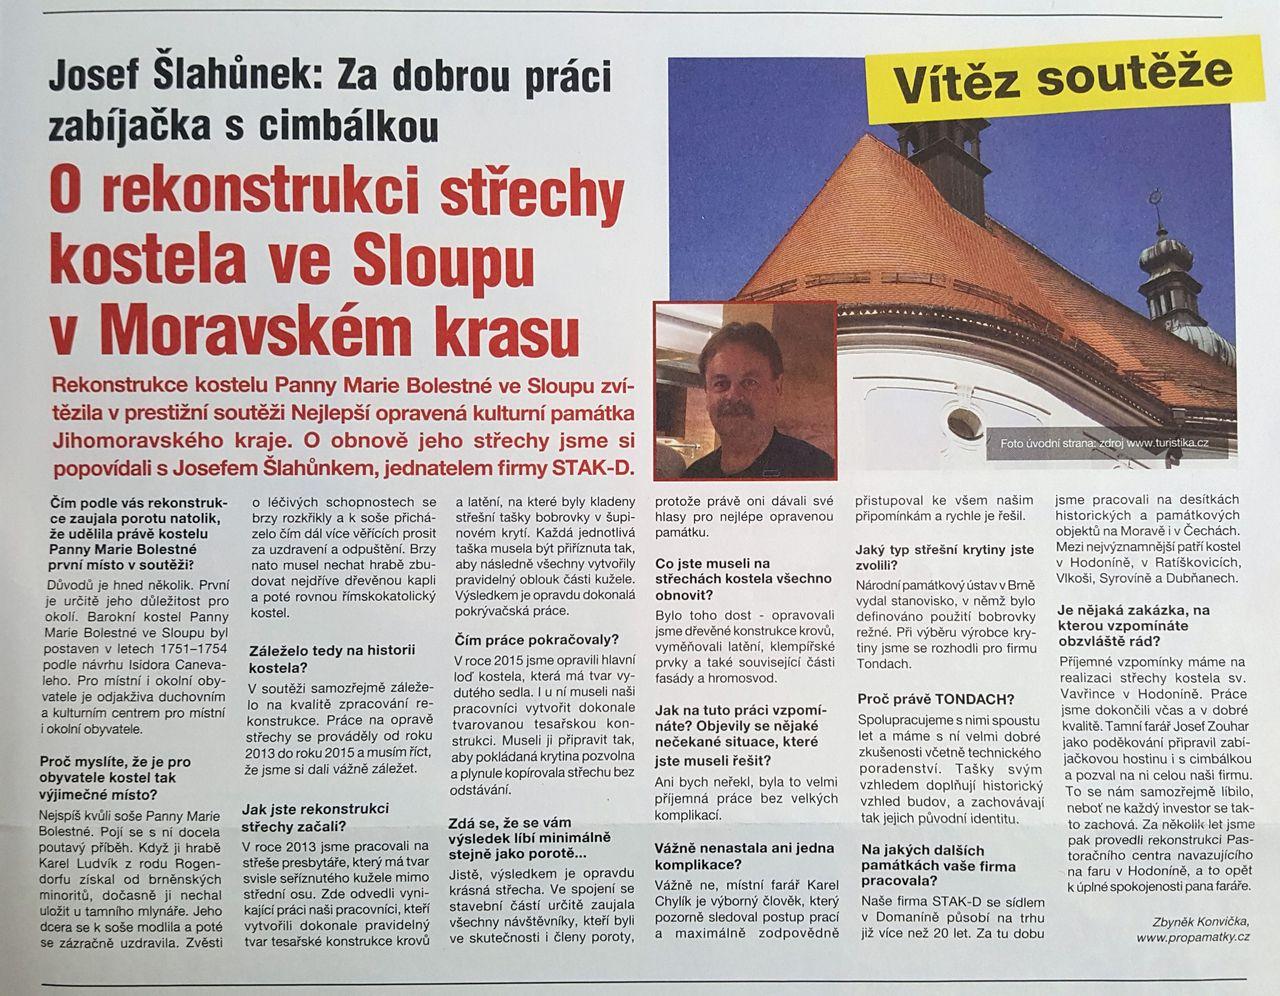 foto - O REKONSTRUKCI STŘECHY KOSTELA VE SLOUPU V MORAVSKÉM KRASU